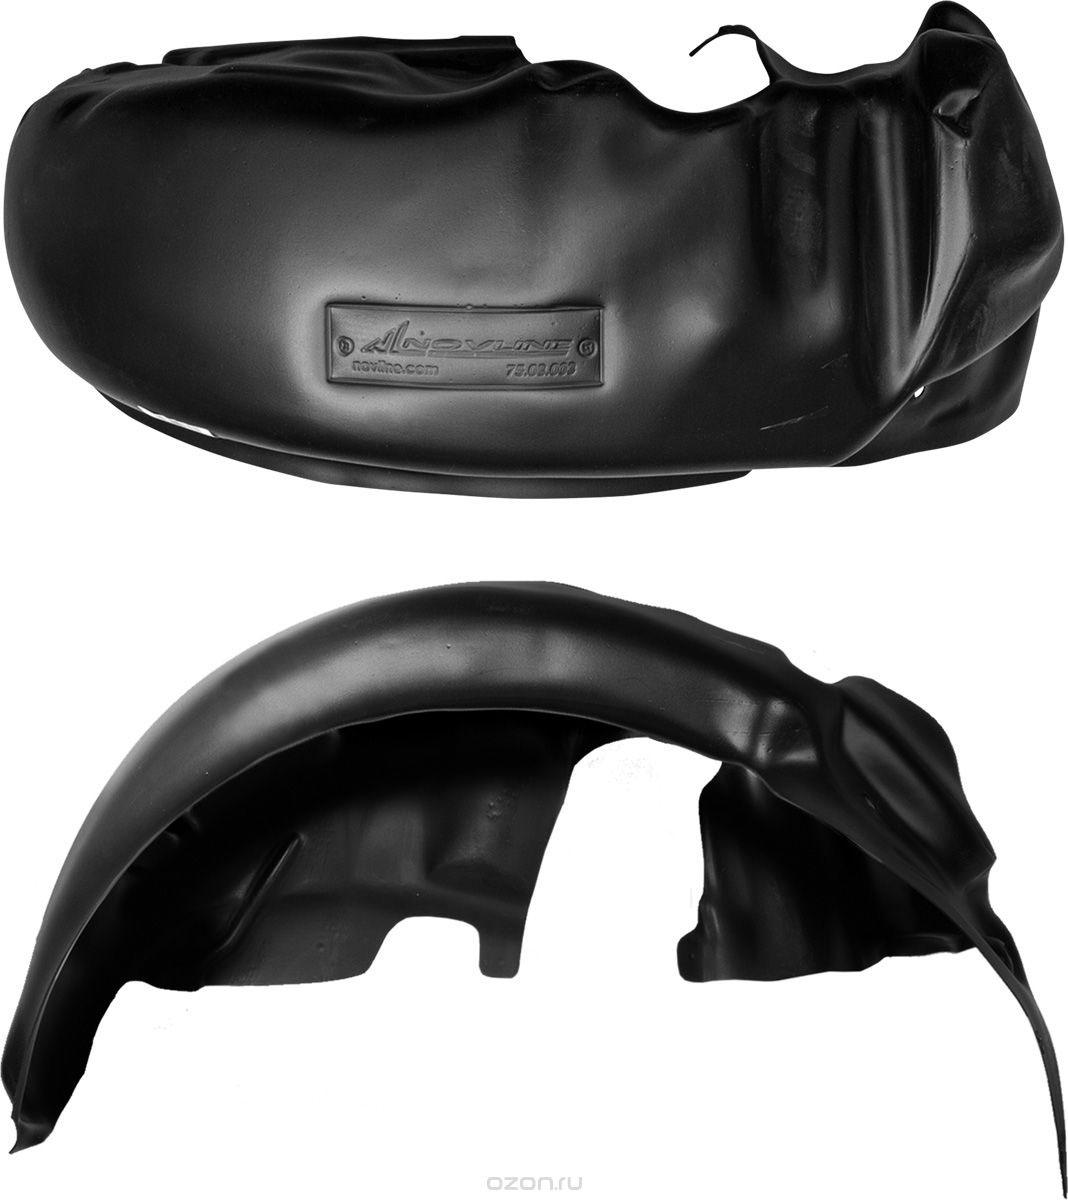 Подкрылок Novline-Autofamily, для ВАЗ 2108-099 1987-2004 б/б, задний левыйVCA-00Идеальная защита колесной ниши. Локеры разработаны с применением цифровых технологий, гарантируют максимальную повторяемость поверхности арки. Изделия устанавливаются без нарушения лакокрасочного покрытия автомобиля, каждый подкрылок комплектуется крепежом. Уважаемые клиенты, обращаем ваше внимание, что фотографии на подкрылки универсальные и не отражают реальную форму изделия. При этом само изделие идет точно под размер указанного автомобиля.